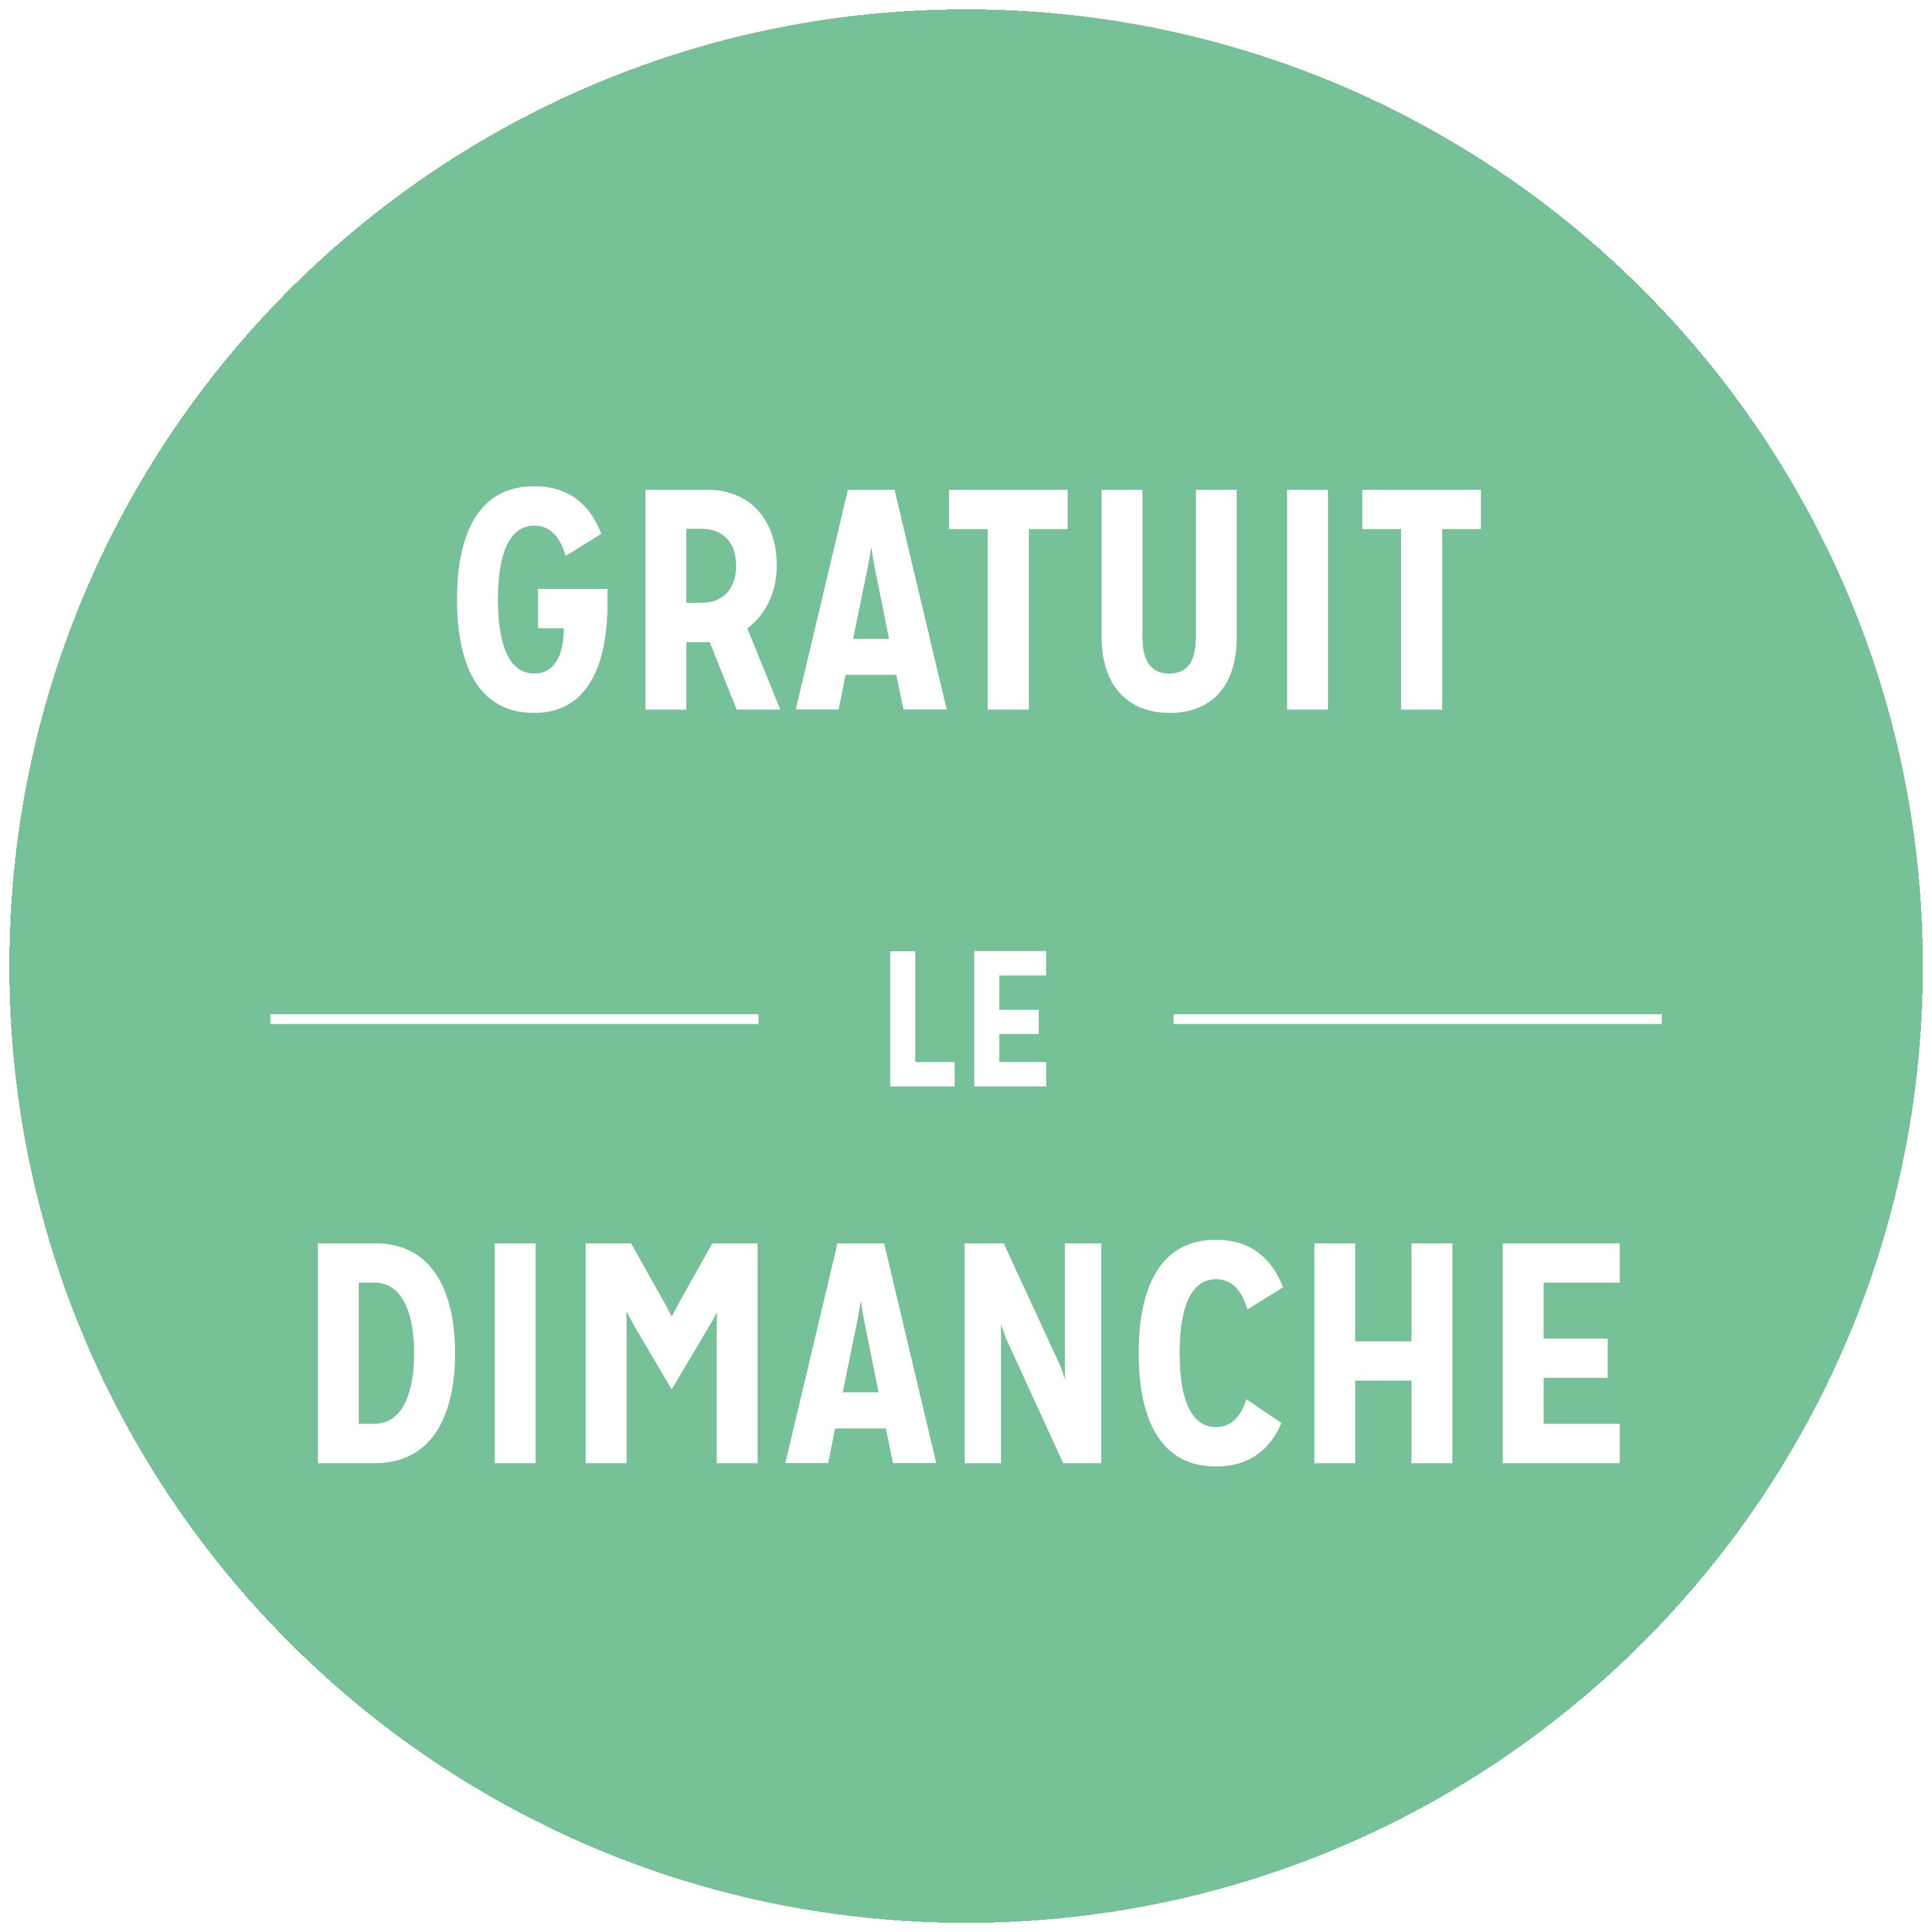 GRATUIT le DIMANCHE